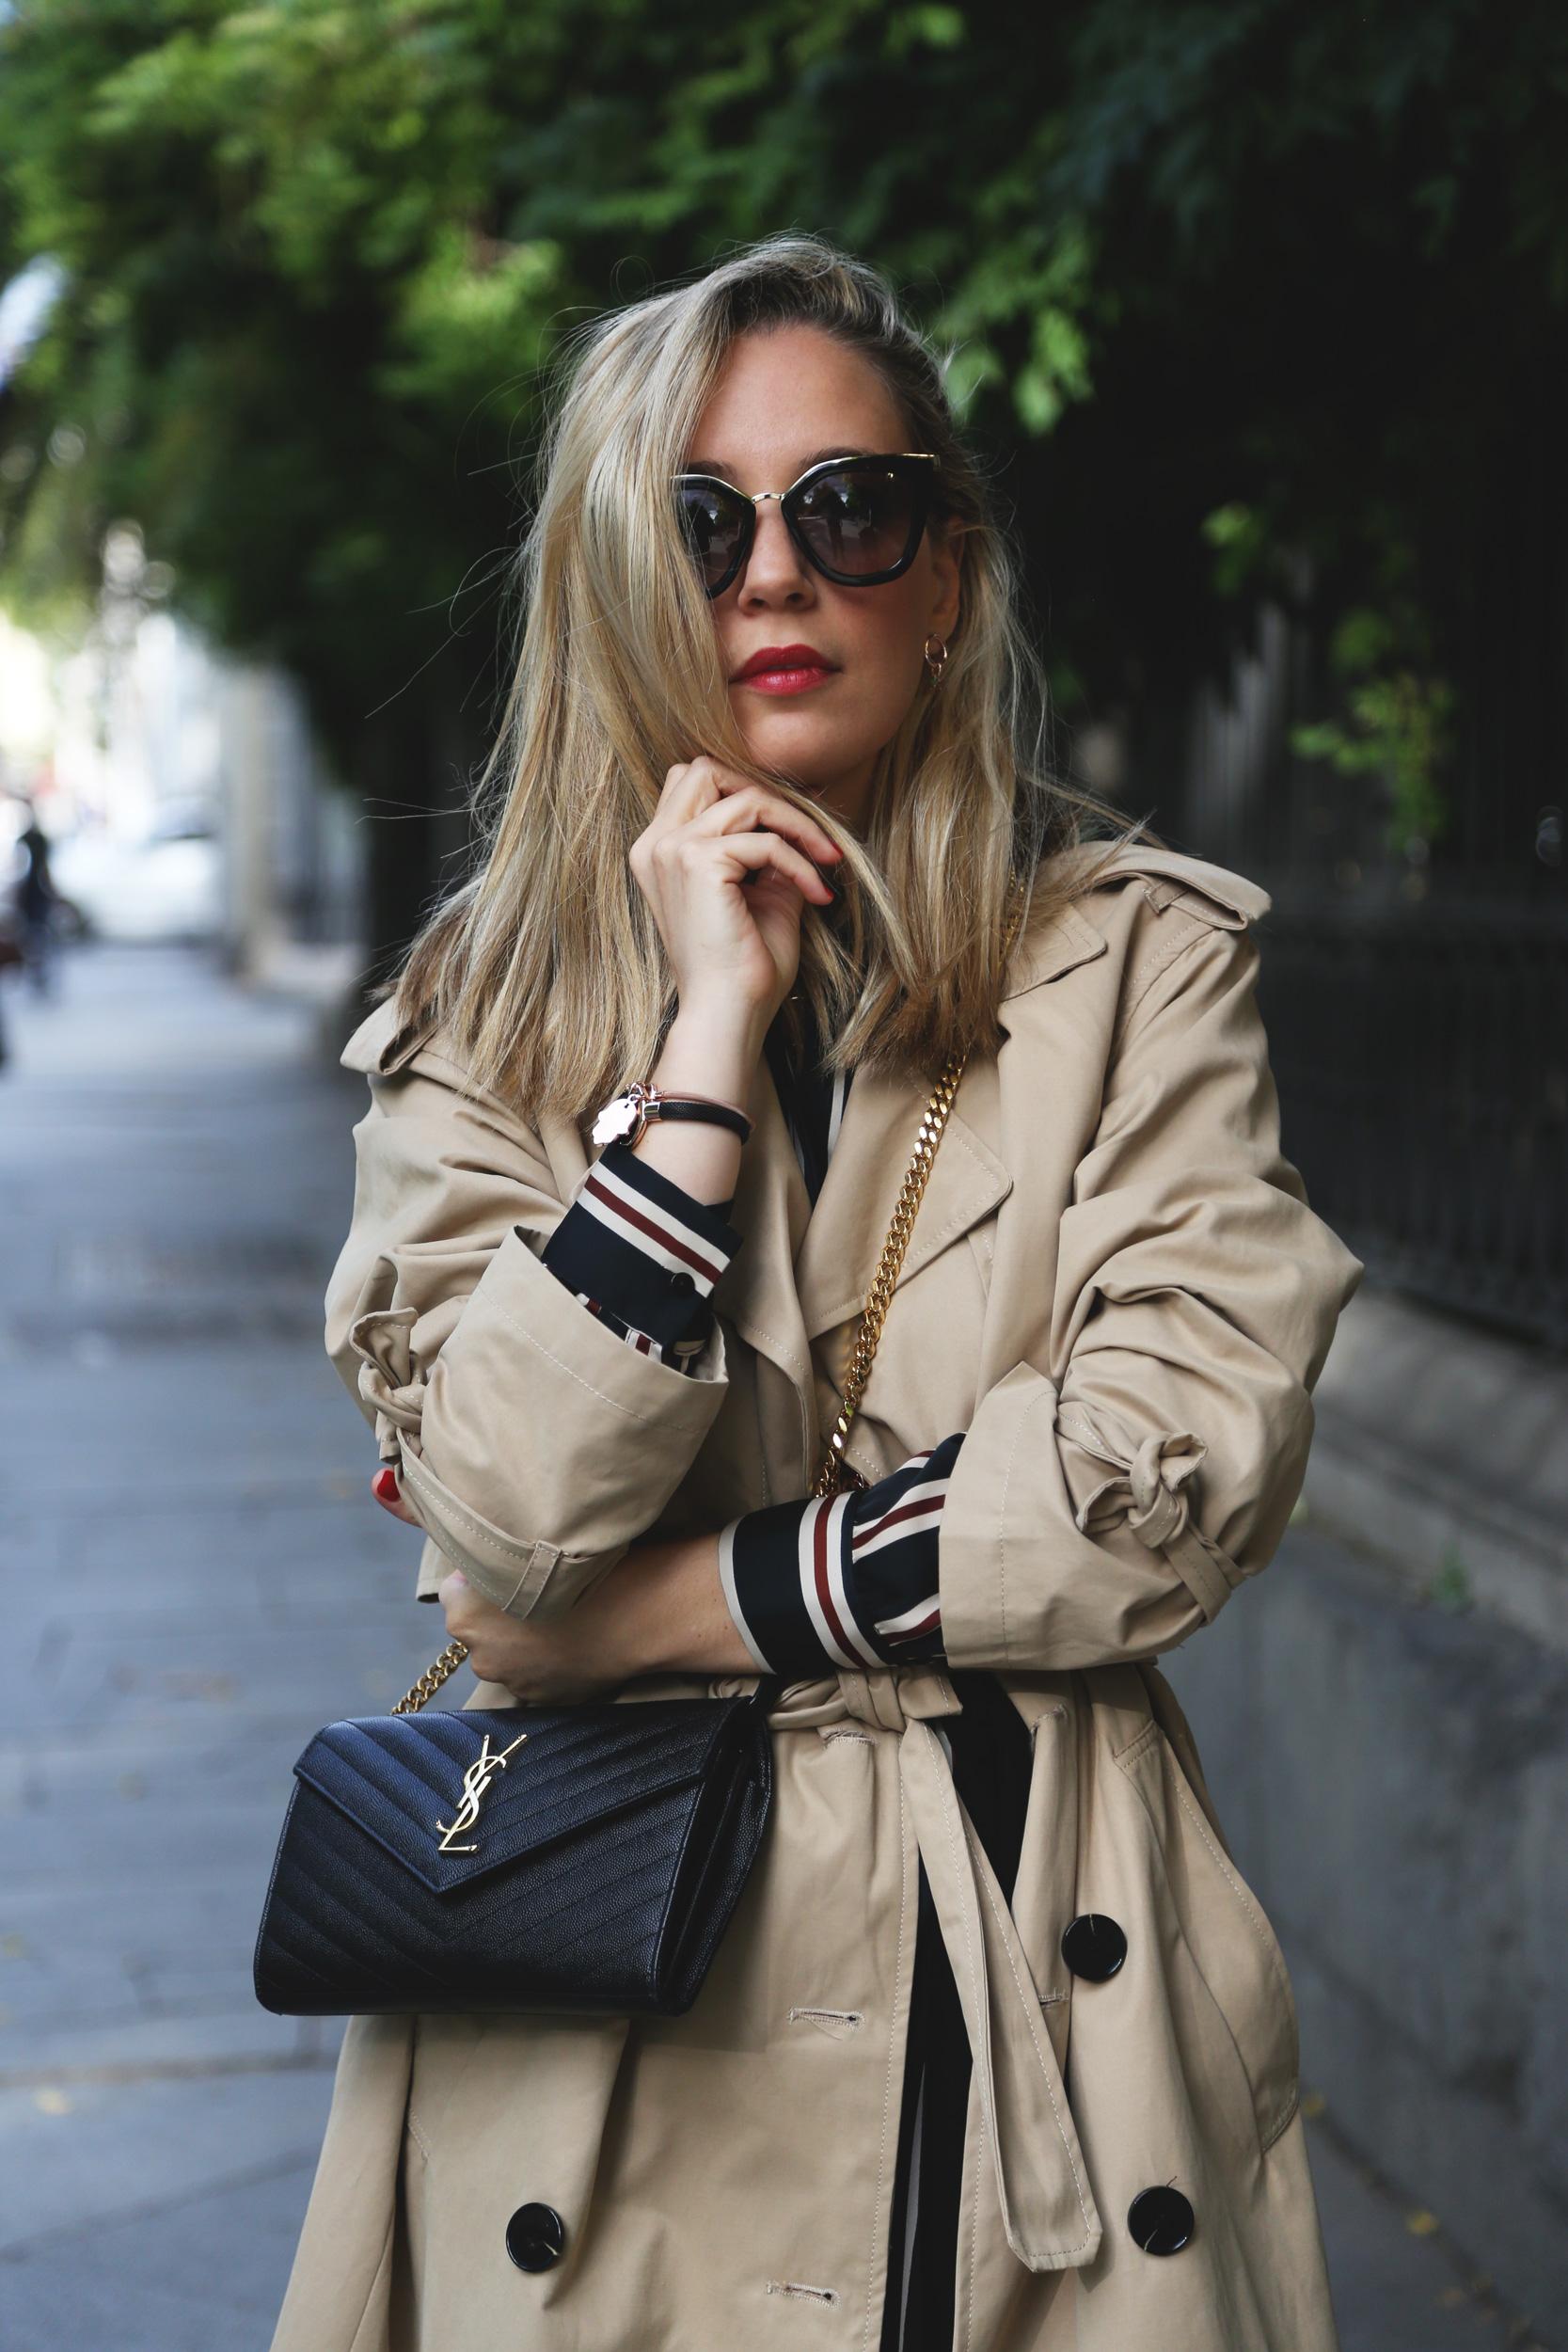 consejos para vestir elegante